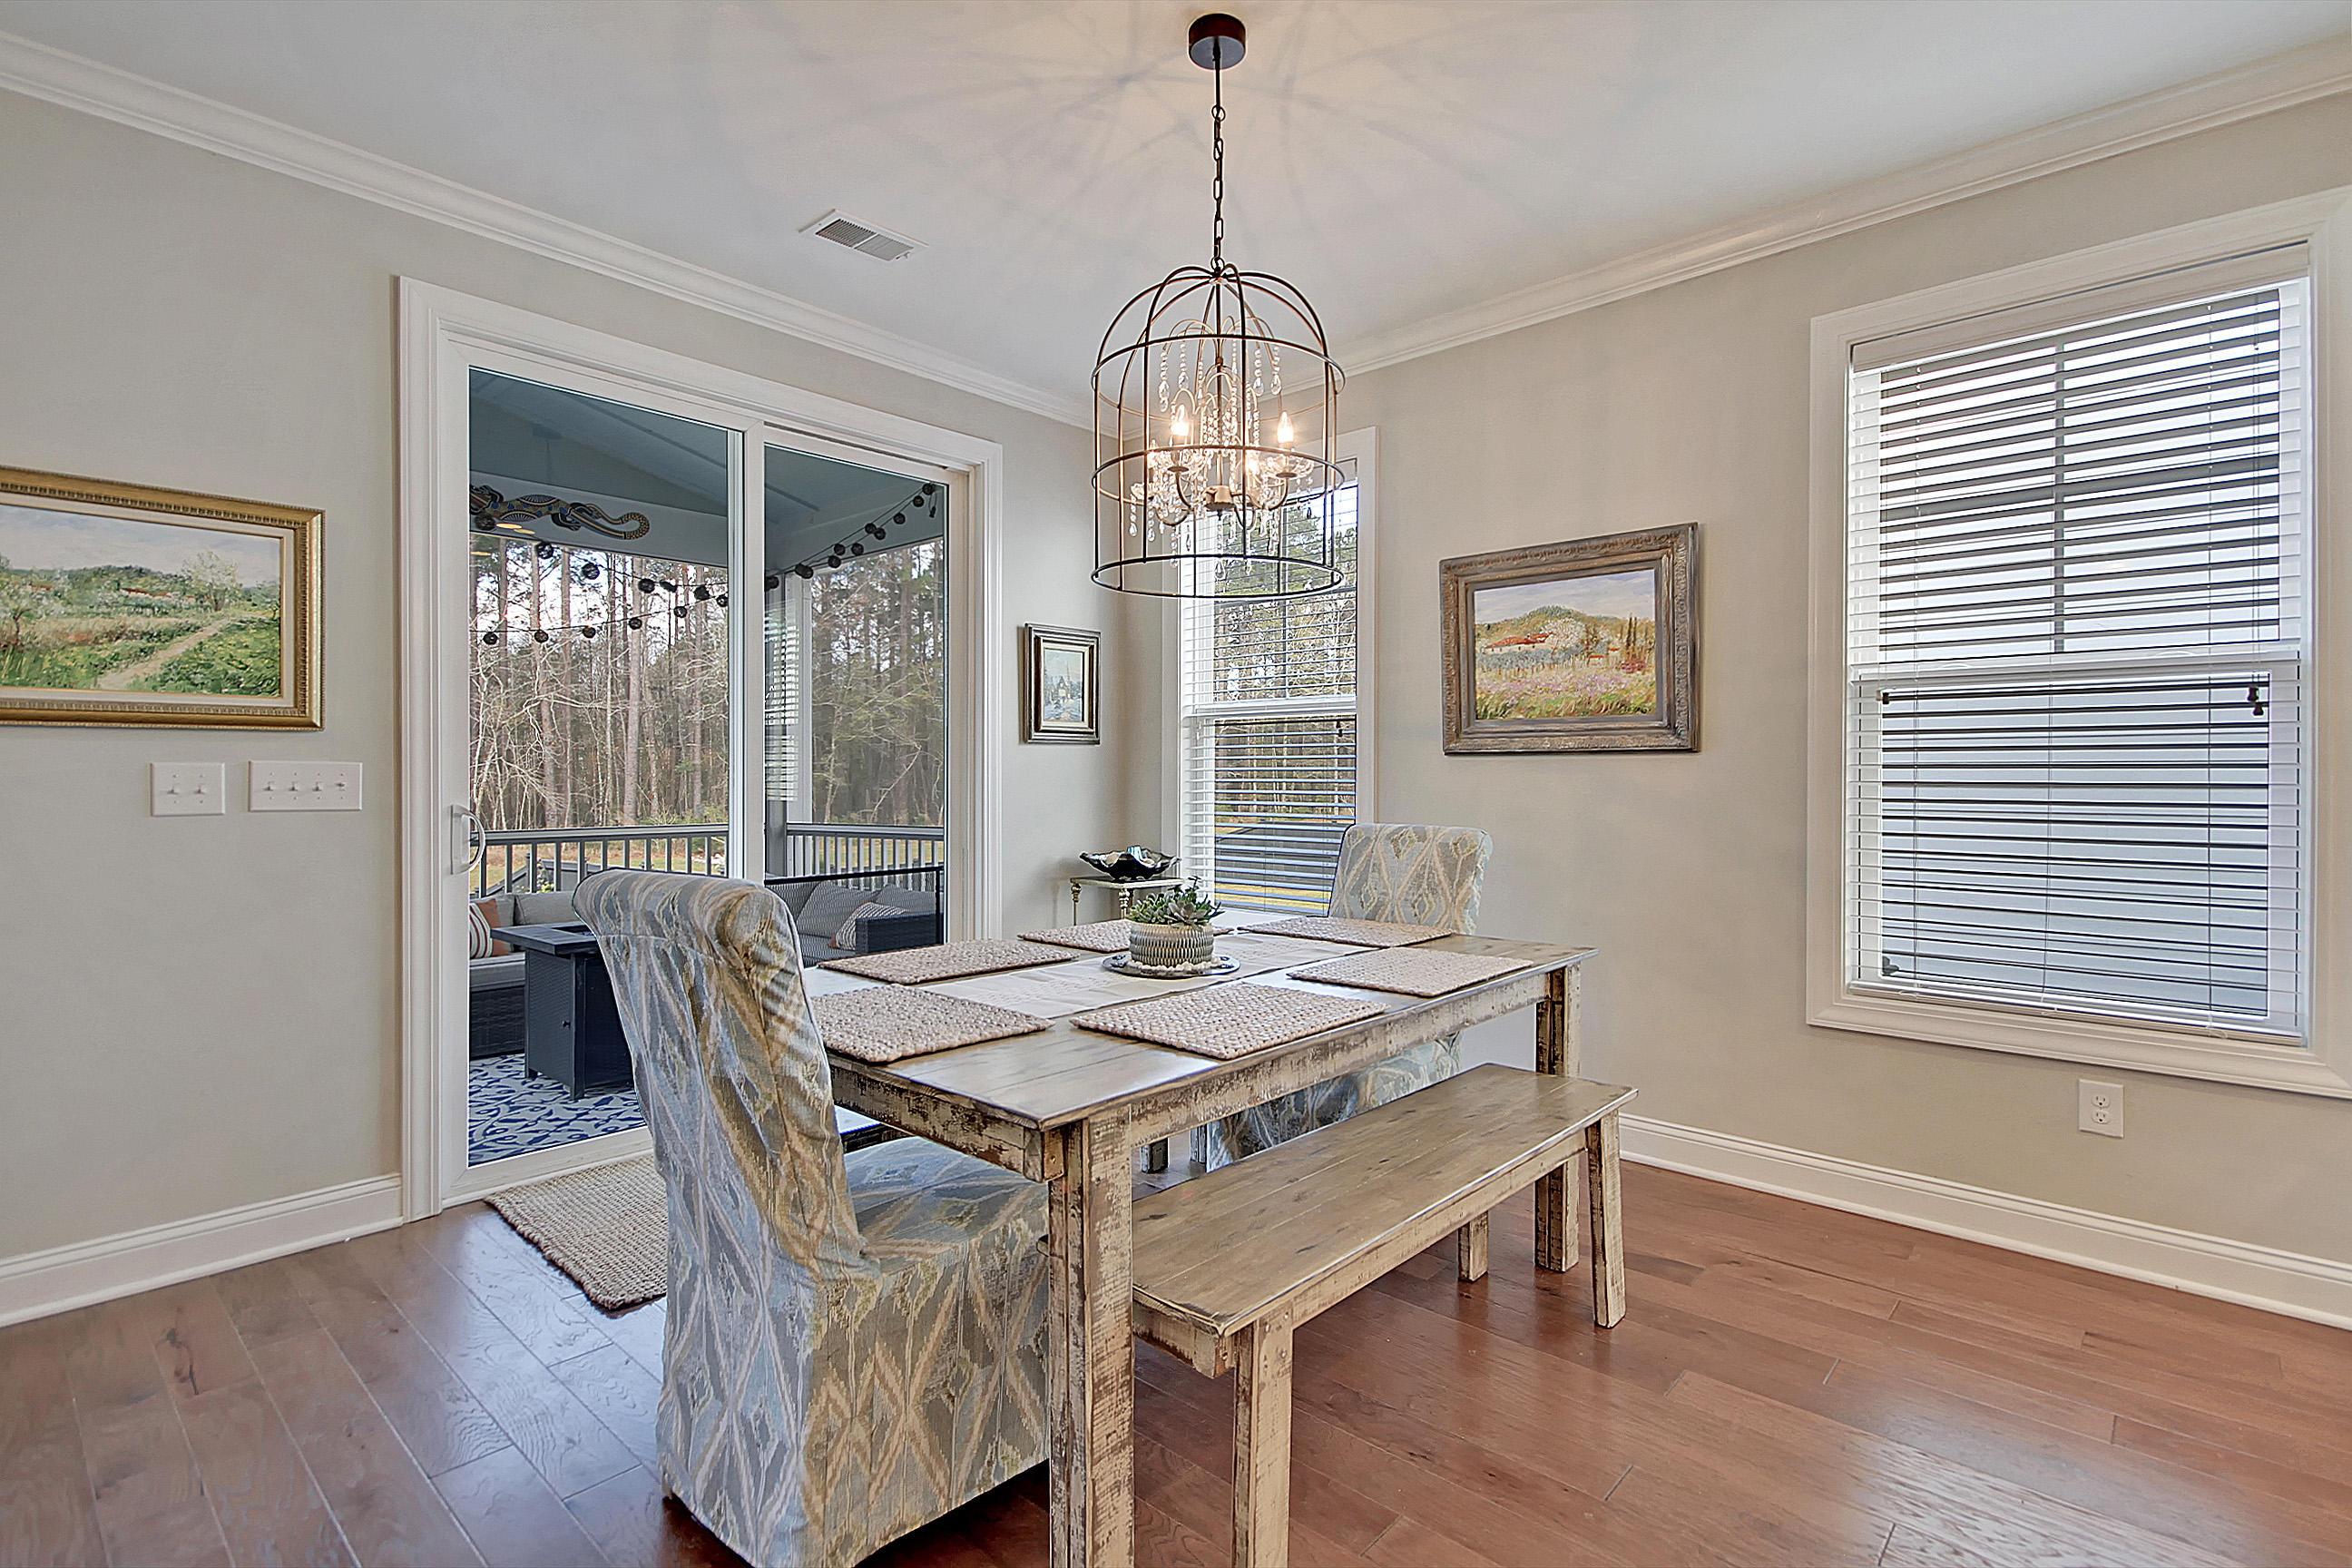 Park West Homes For Sale - 1534 Trumpington, Mount Pleasant, SC - 37